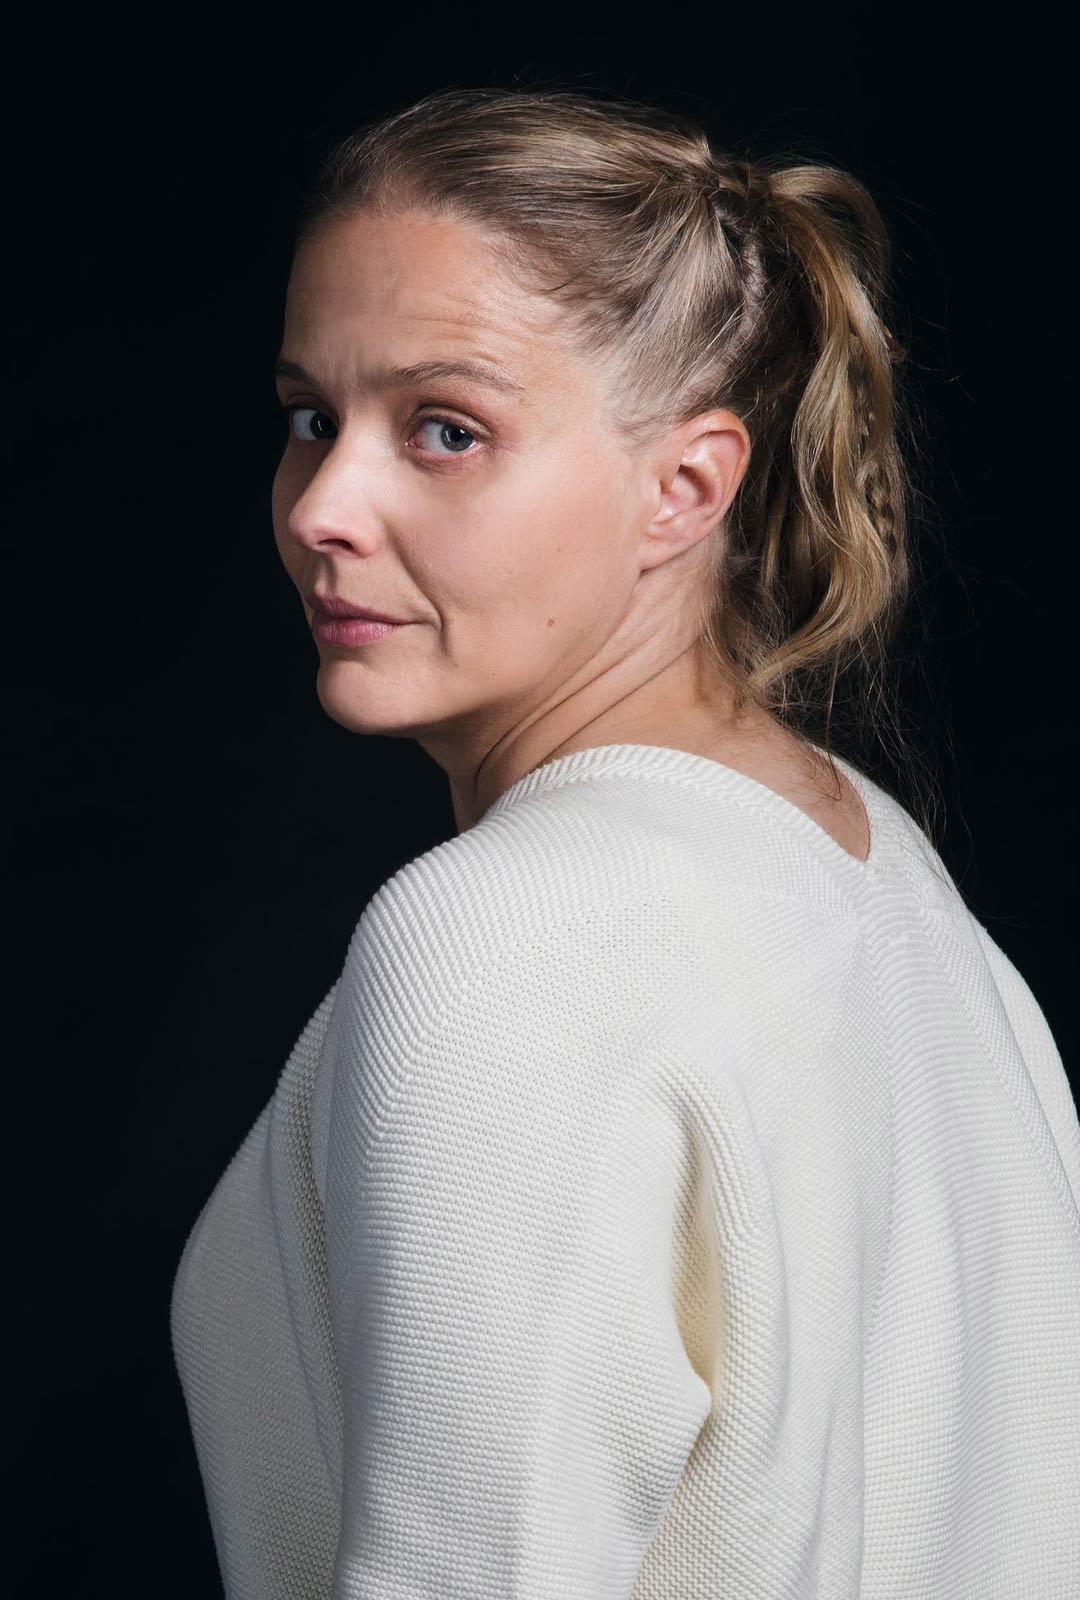 Turun yliopiston tutkija, tietokirjailija Nina Kokkinen on kuratoinut Villa Gyllenbergin taidenäyttelyn Salatun tiedon tie. Akseli Gallen-Kallelan maalaus Ad Astra on eräs näyttelyn keskeisimmistä teoksista.